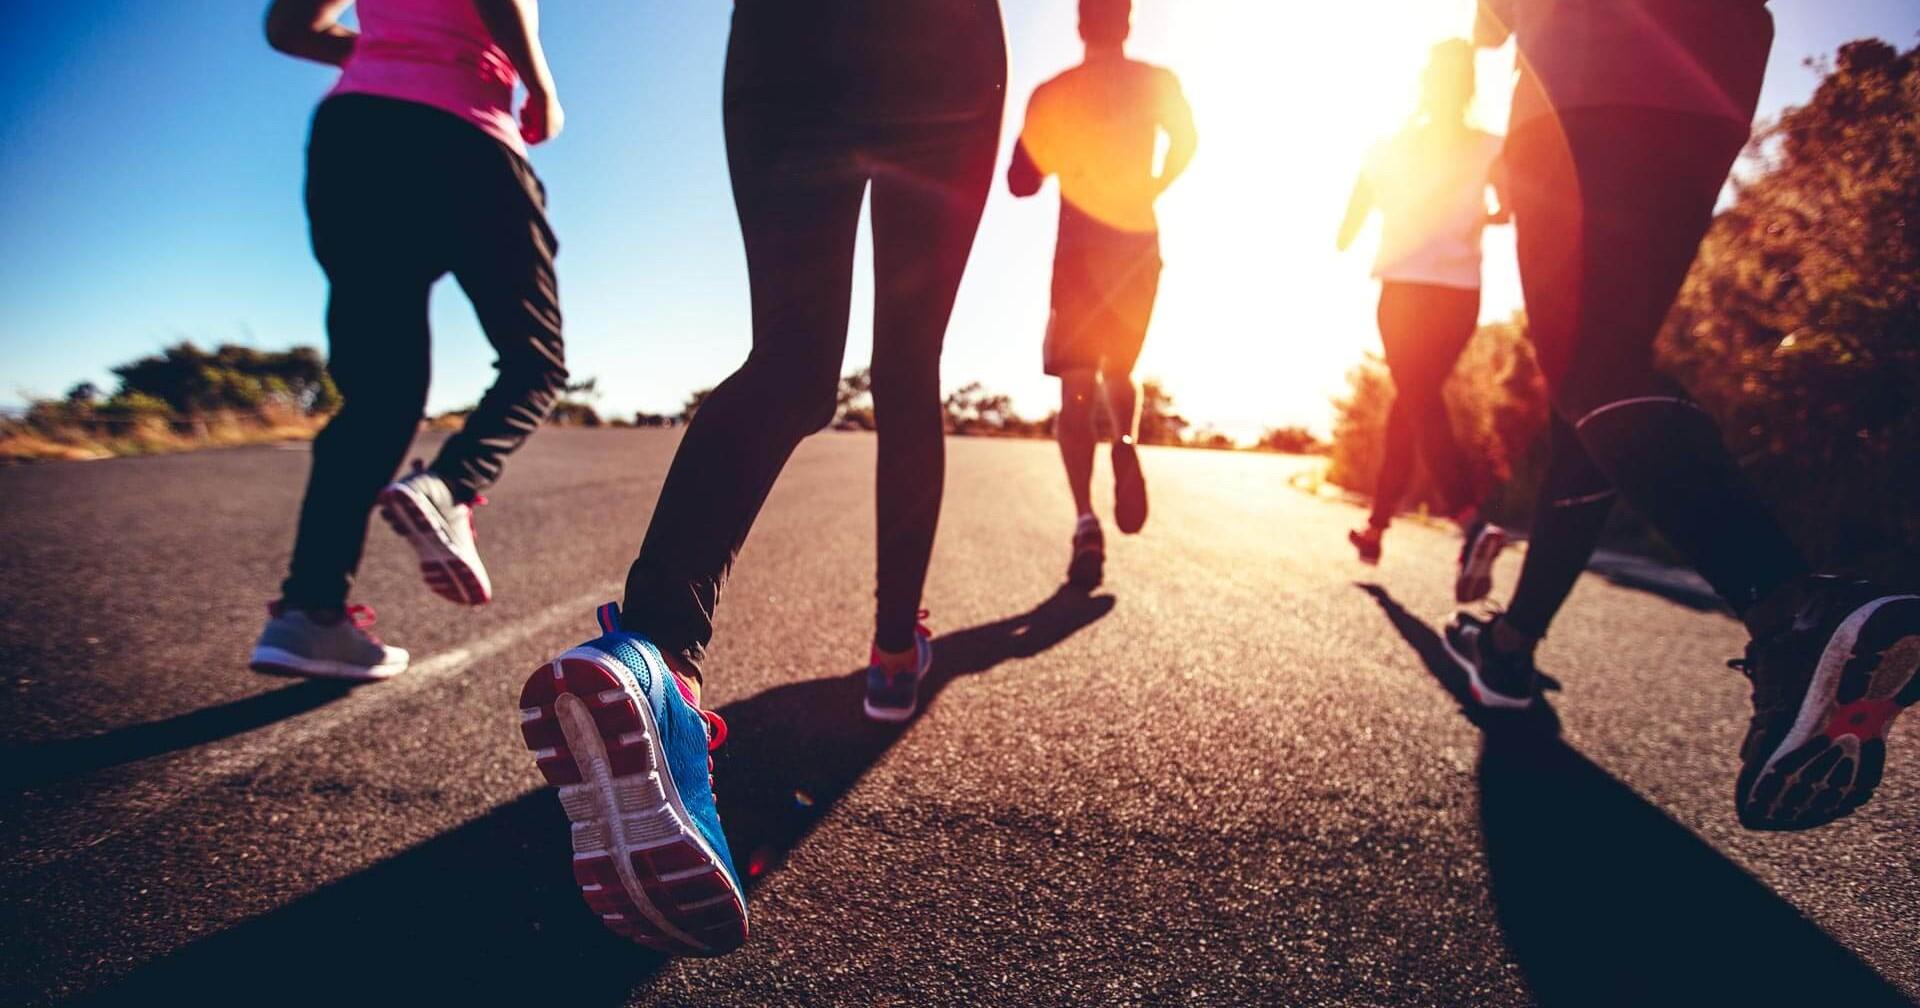 Colleagues, friends...runners!-Sara Pagliardi